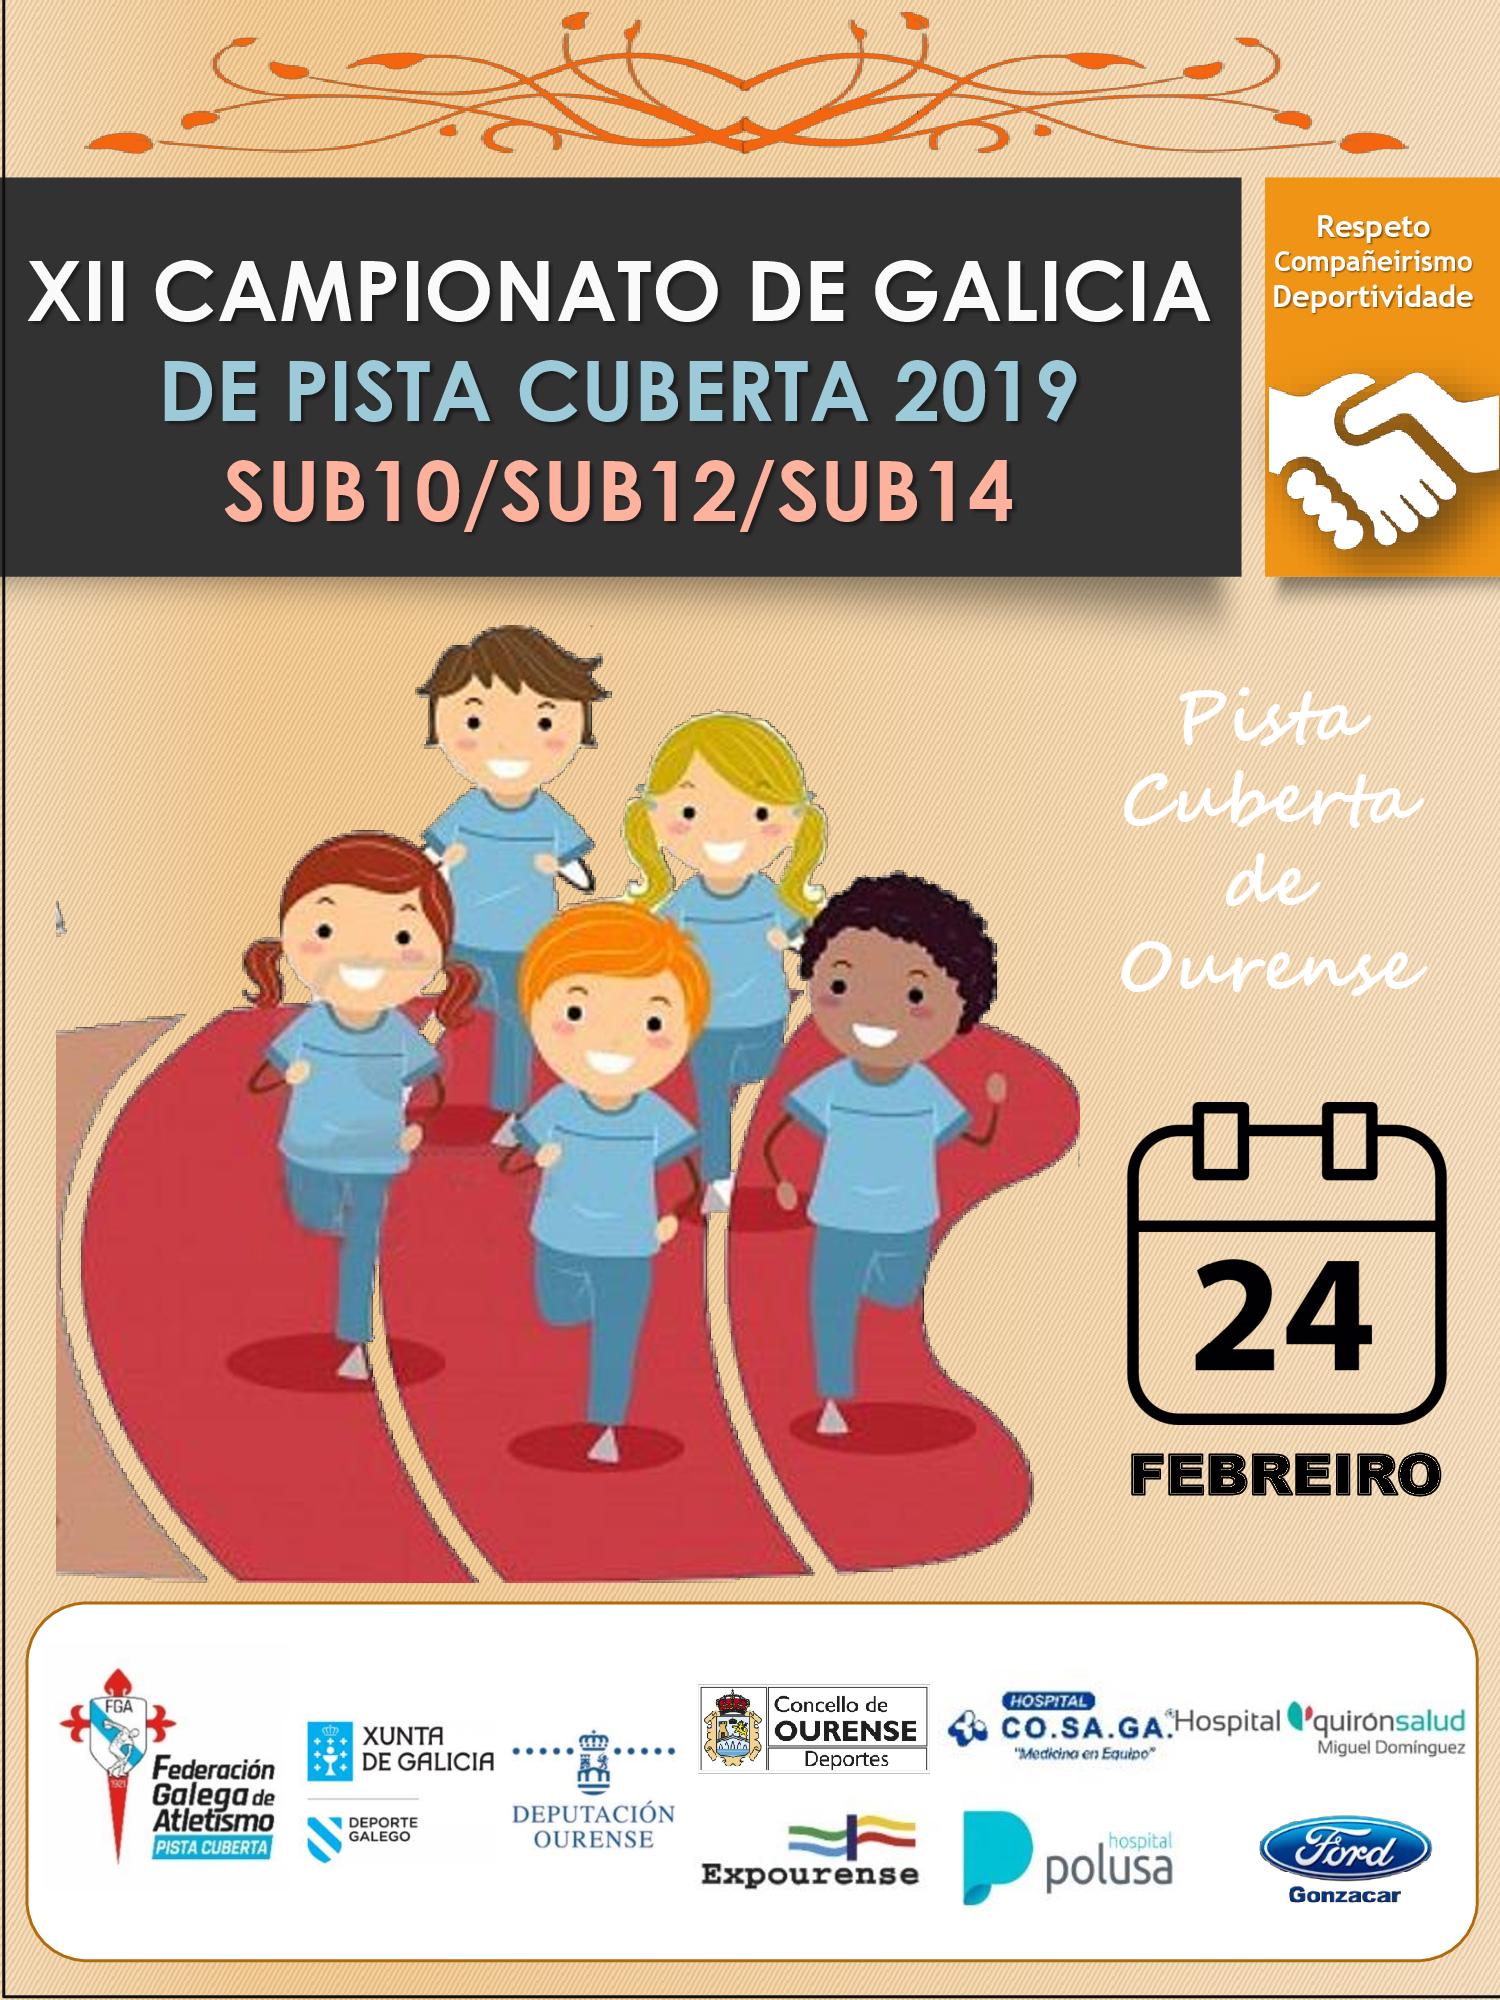 XII Campionato de Galicia Sub10 – Sub12 – Sub14 en Pista Cuberta